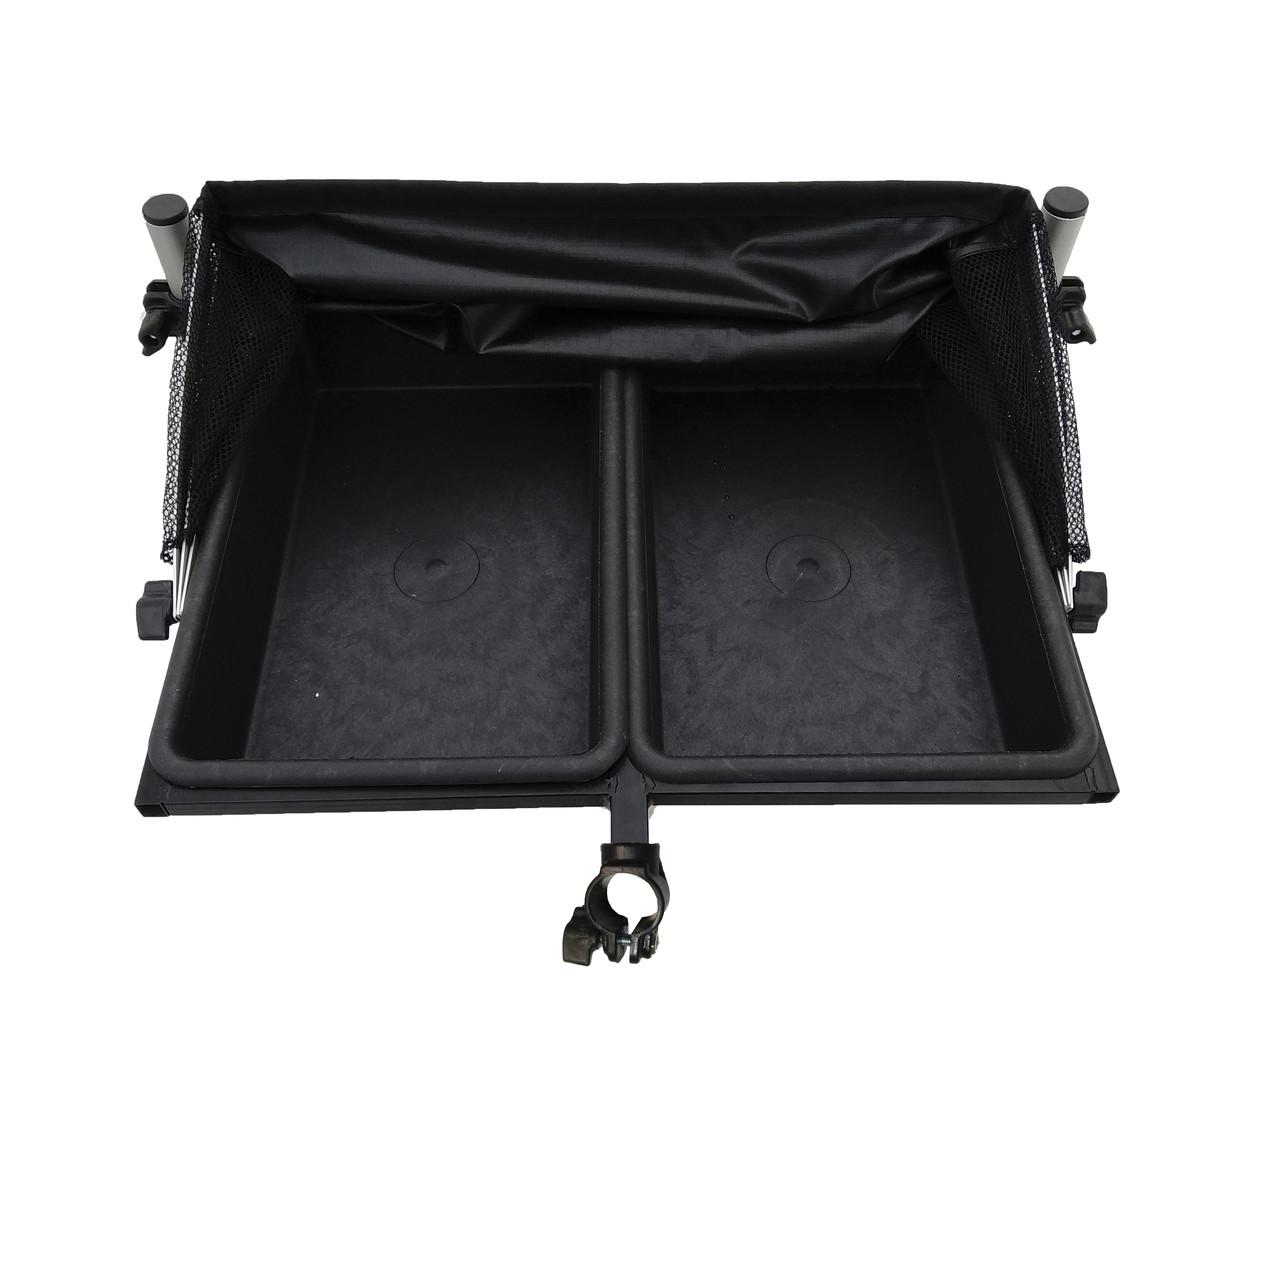 Стол XXL 55х40 см на 2 емкости для прикормки под опоры D30, D36